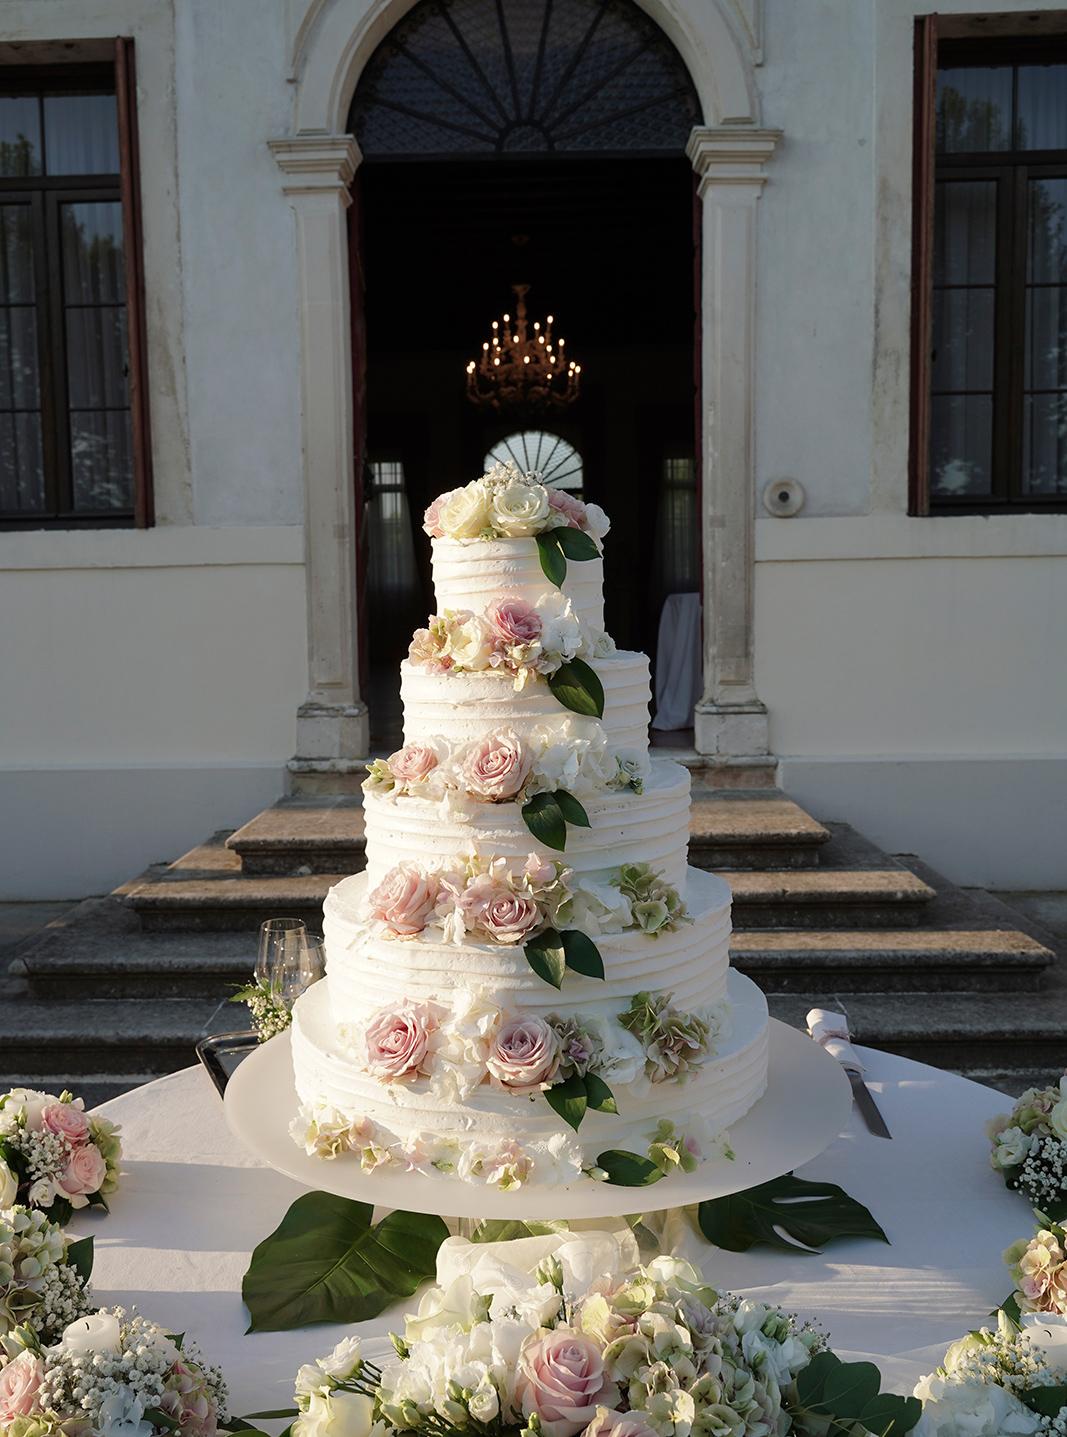 Sala ricevimento matrimonio, feste di matrimonio Vicenza, feste di matrimonio Padova, location con giardino esterno Vicenza , Villa per ricevimenti